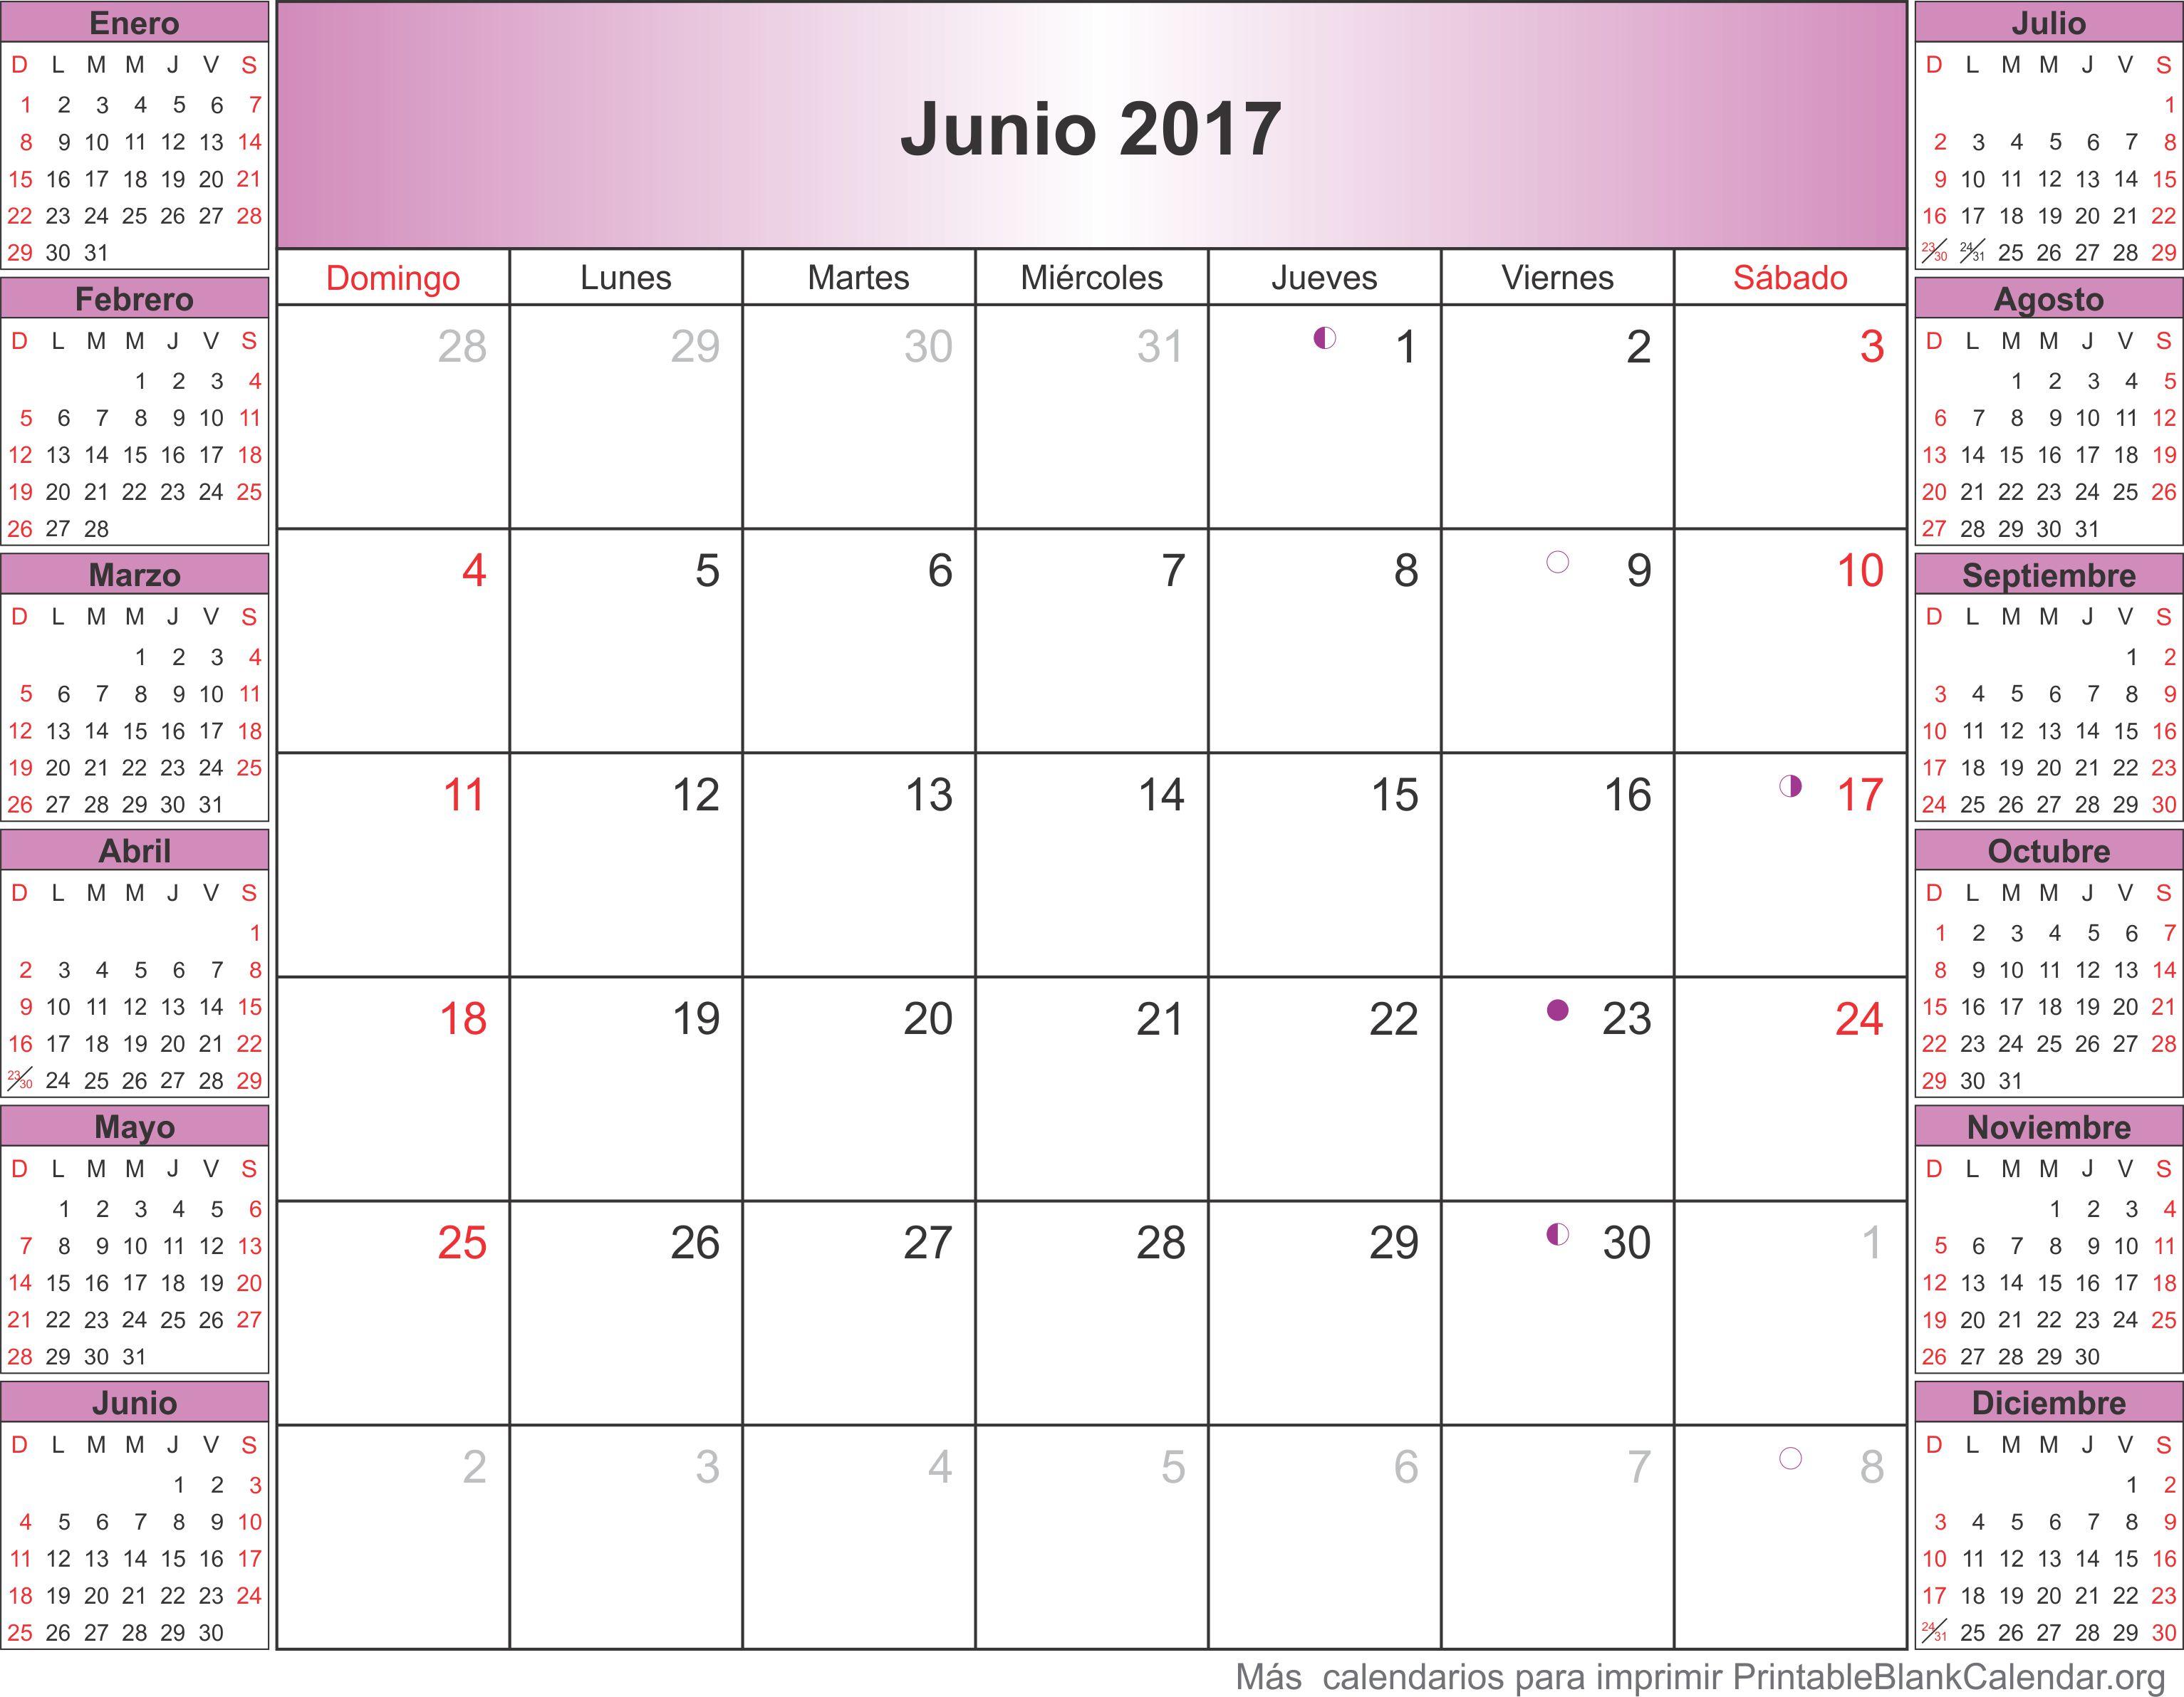 calendariov para imprimir junio 2017